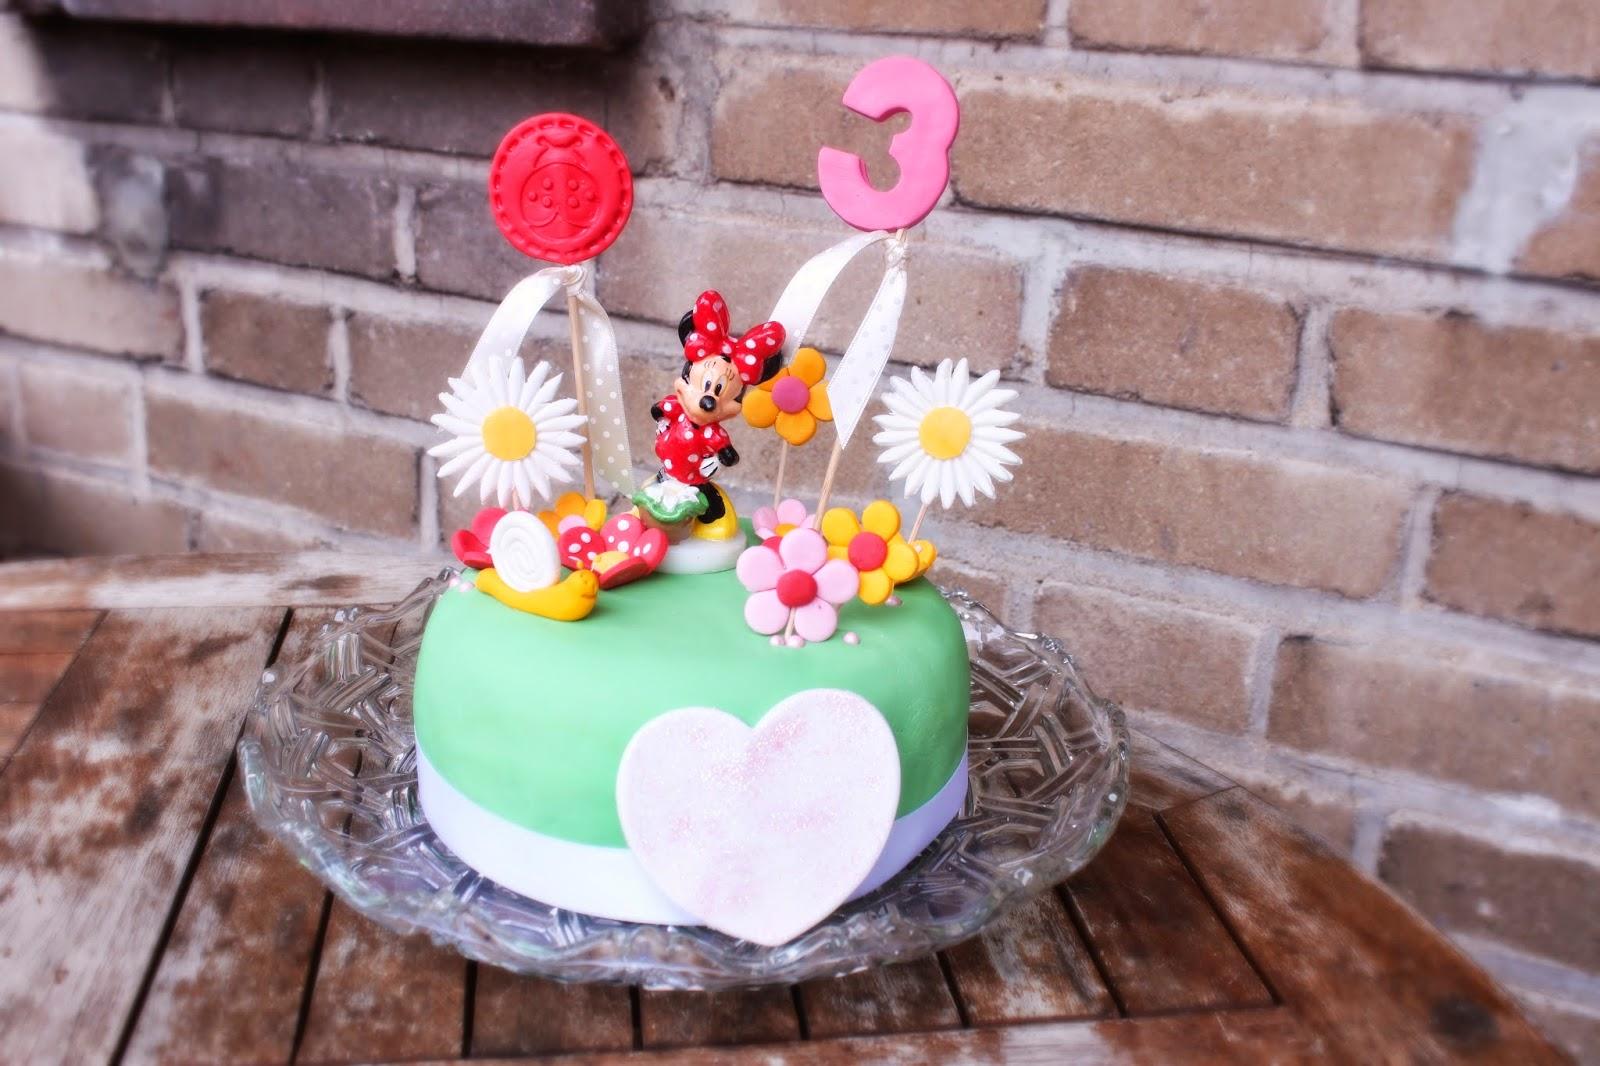 Lusiluup Minnie Maus Torte Zum 3 Geburtstag